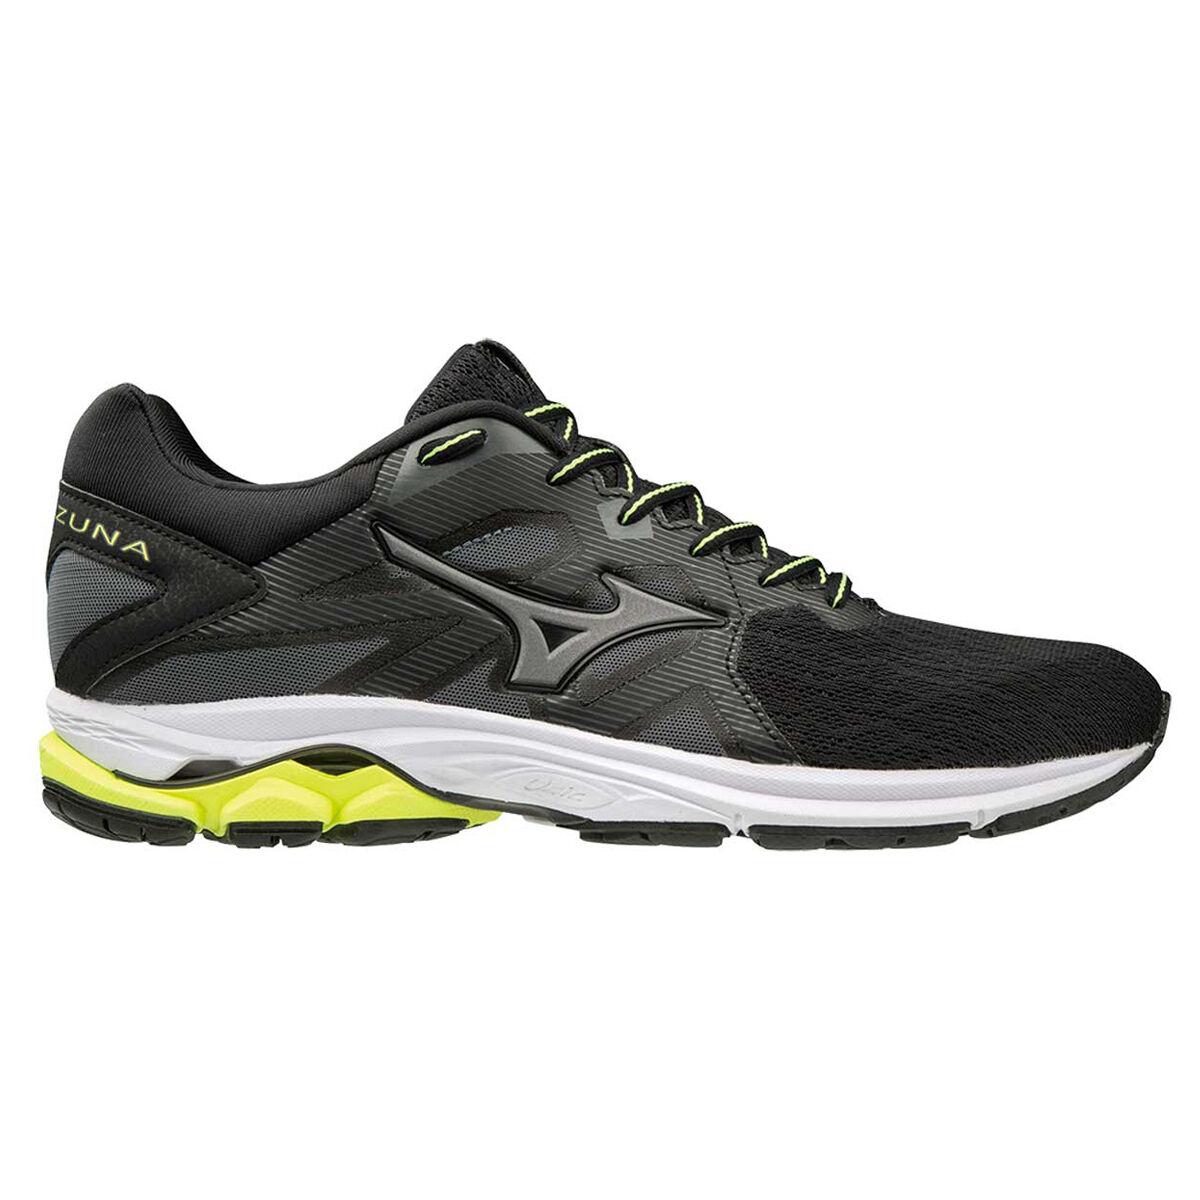 Mizuno Wave Kizuna Mens Running Shoes